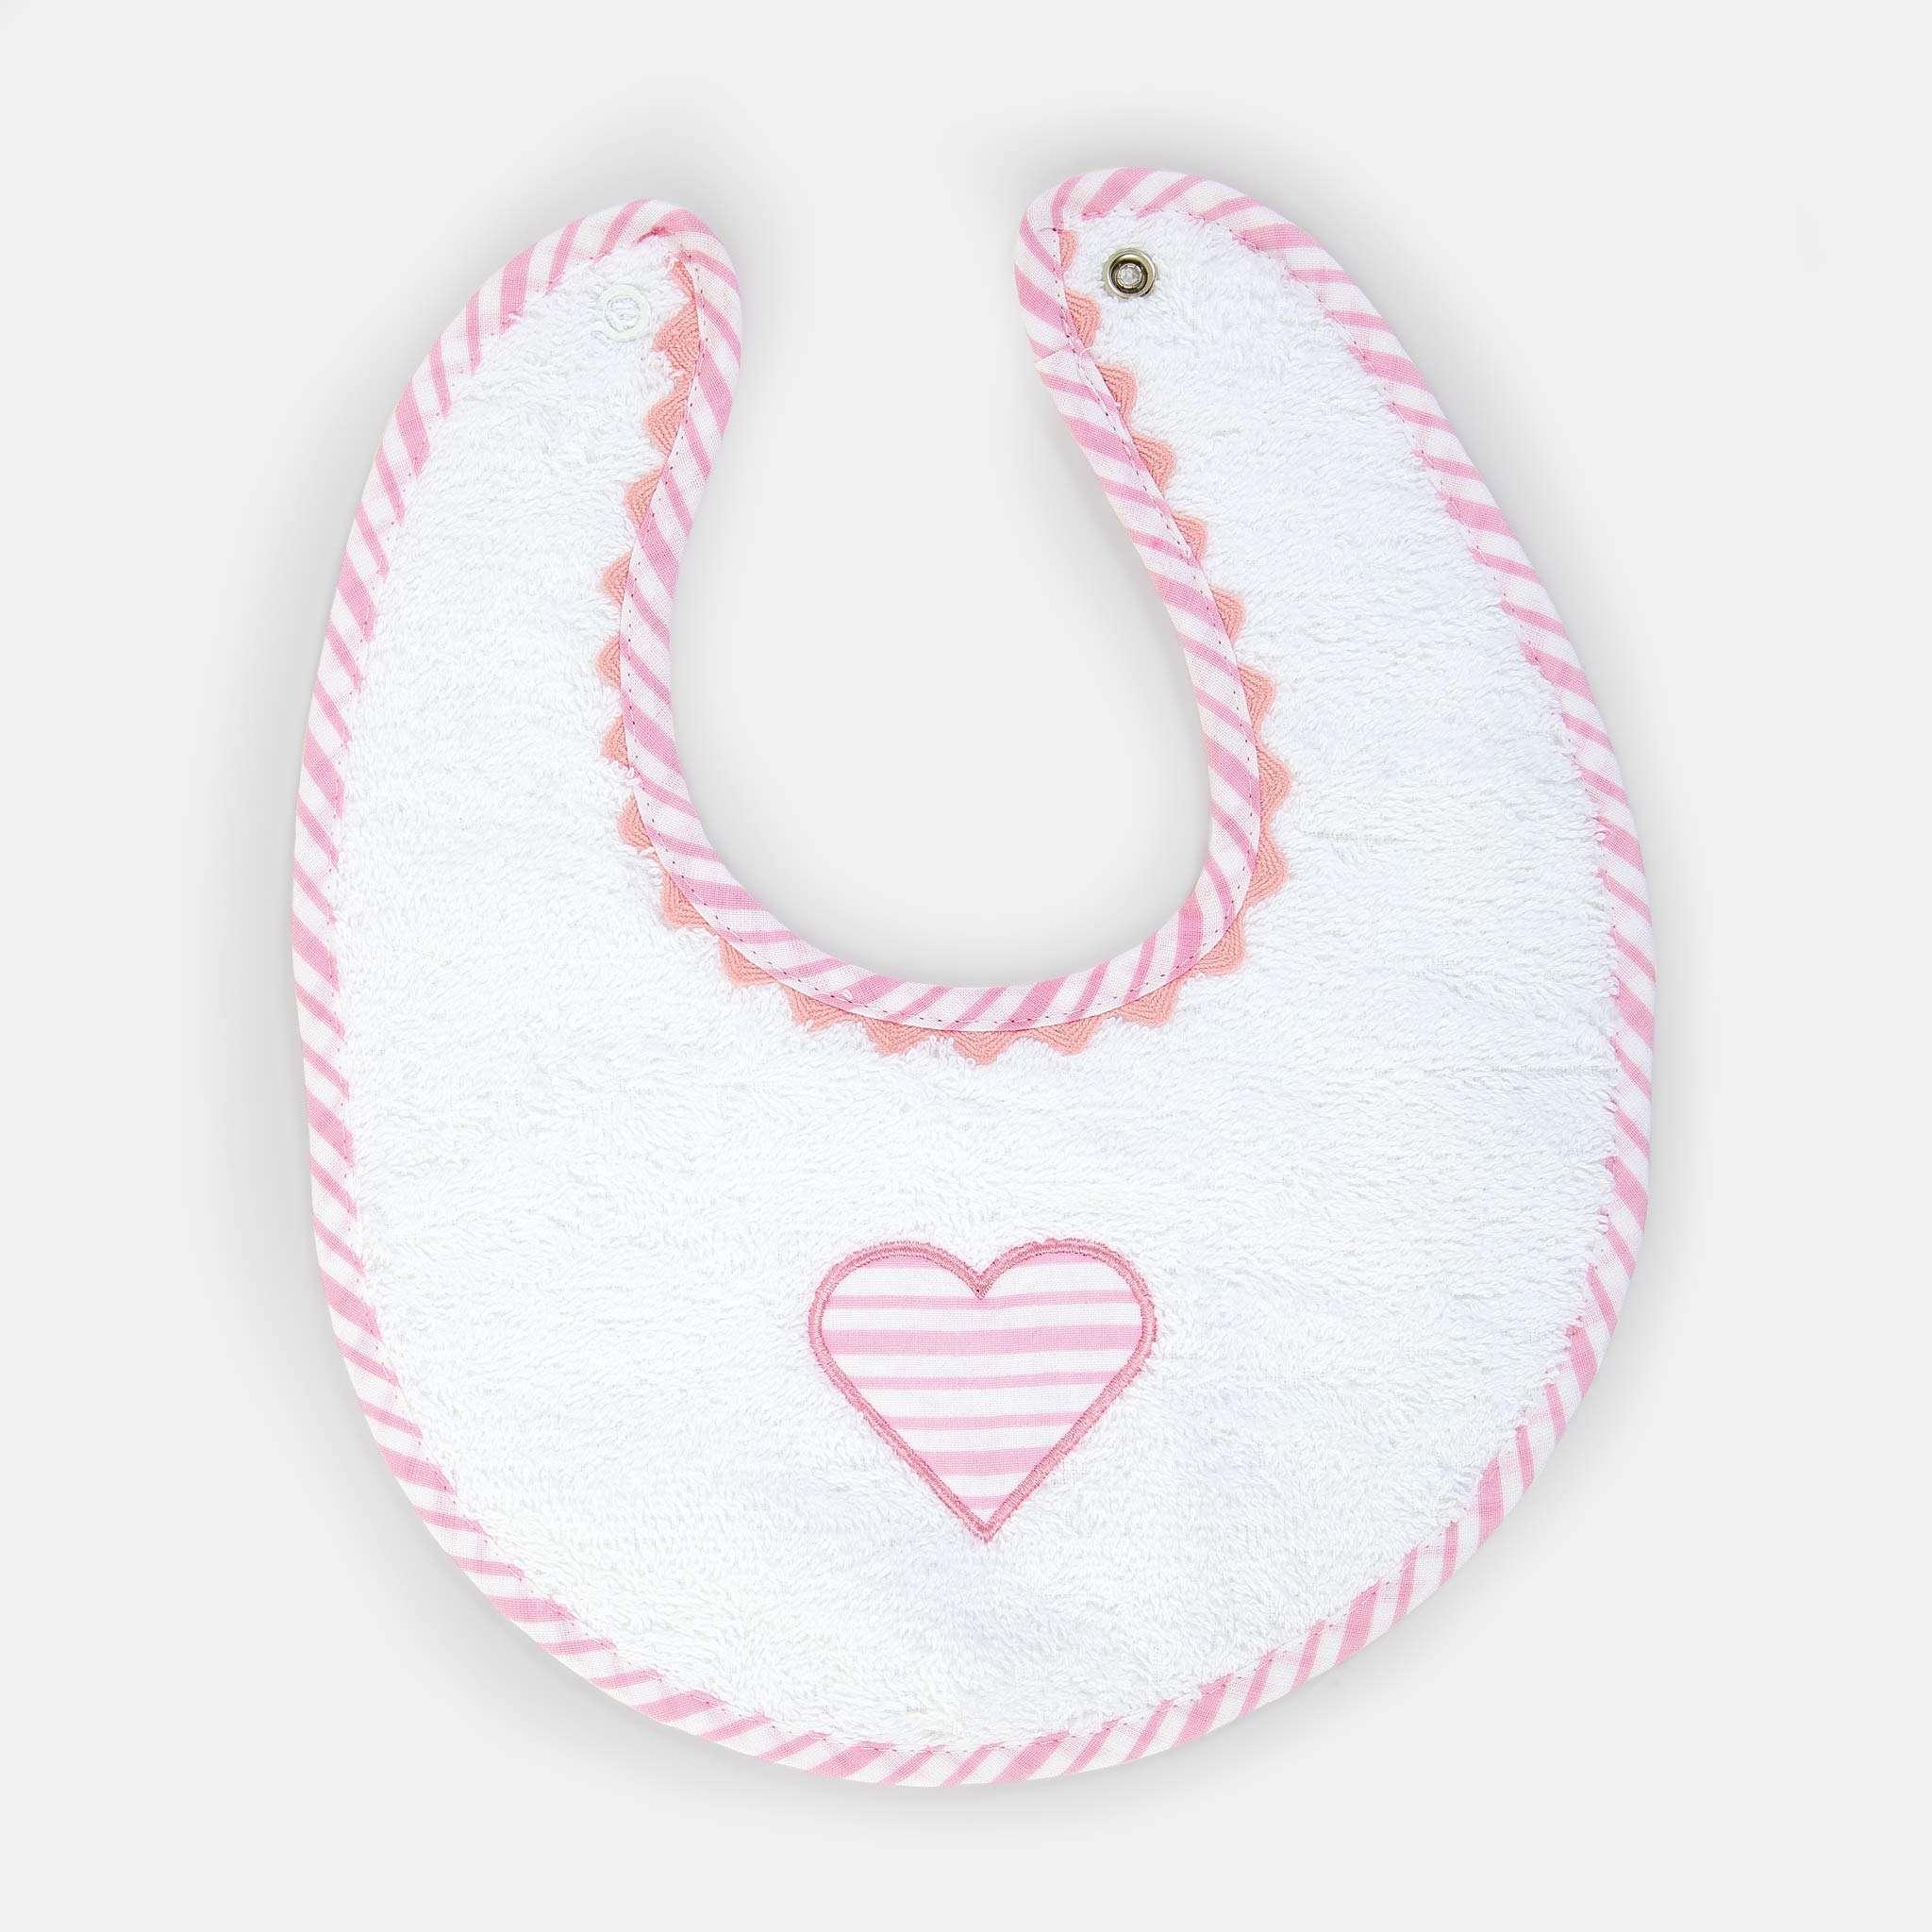 Ballon Pink Siklesmekke